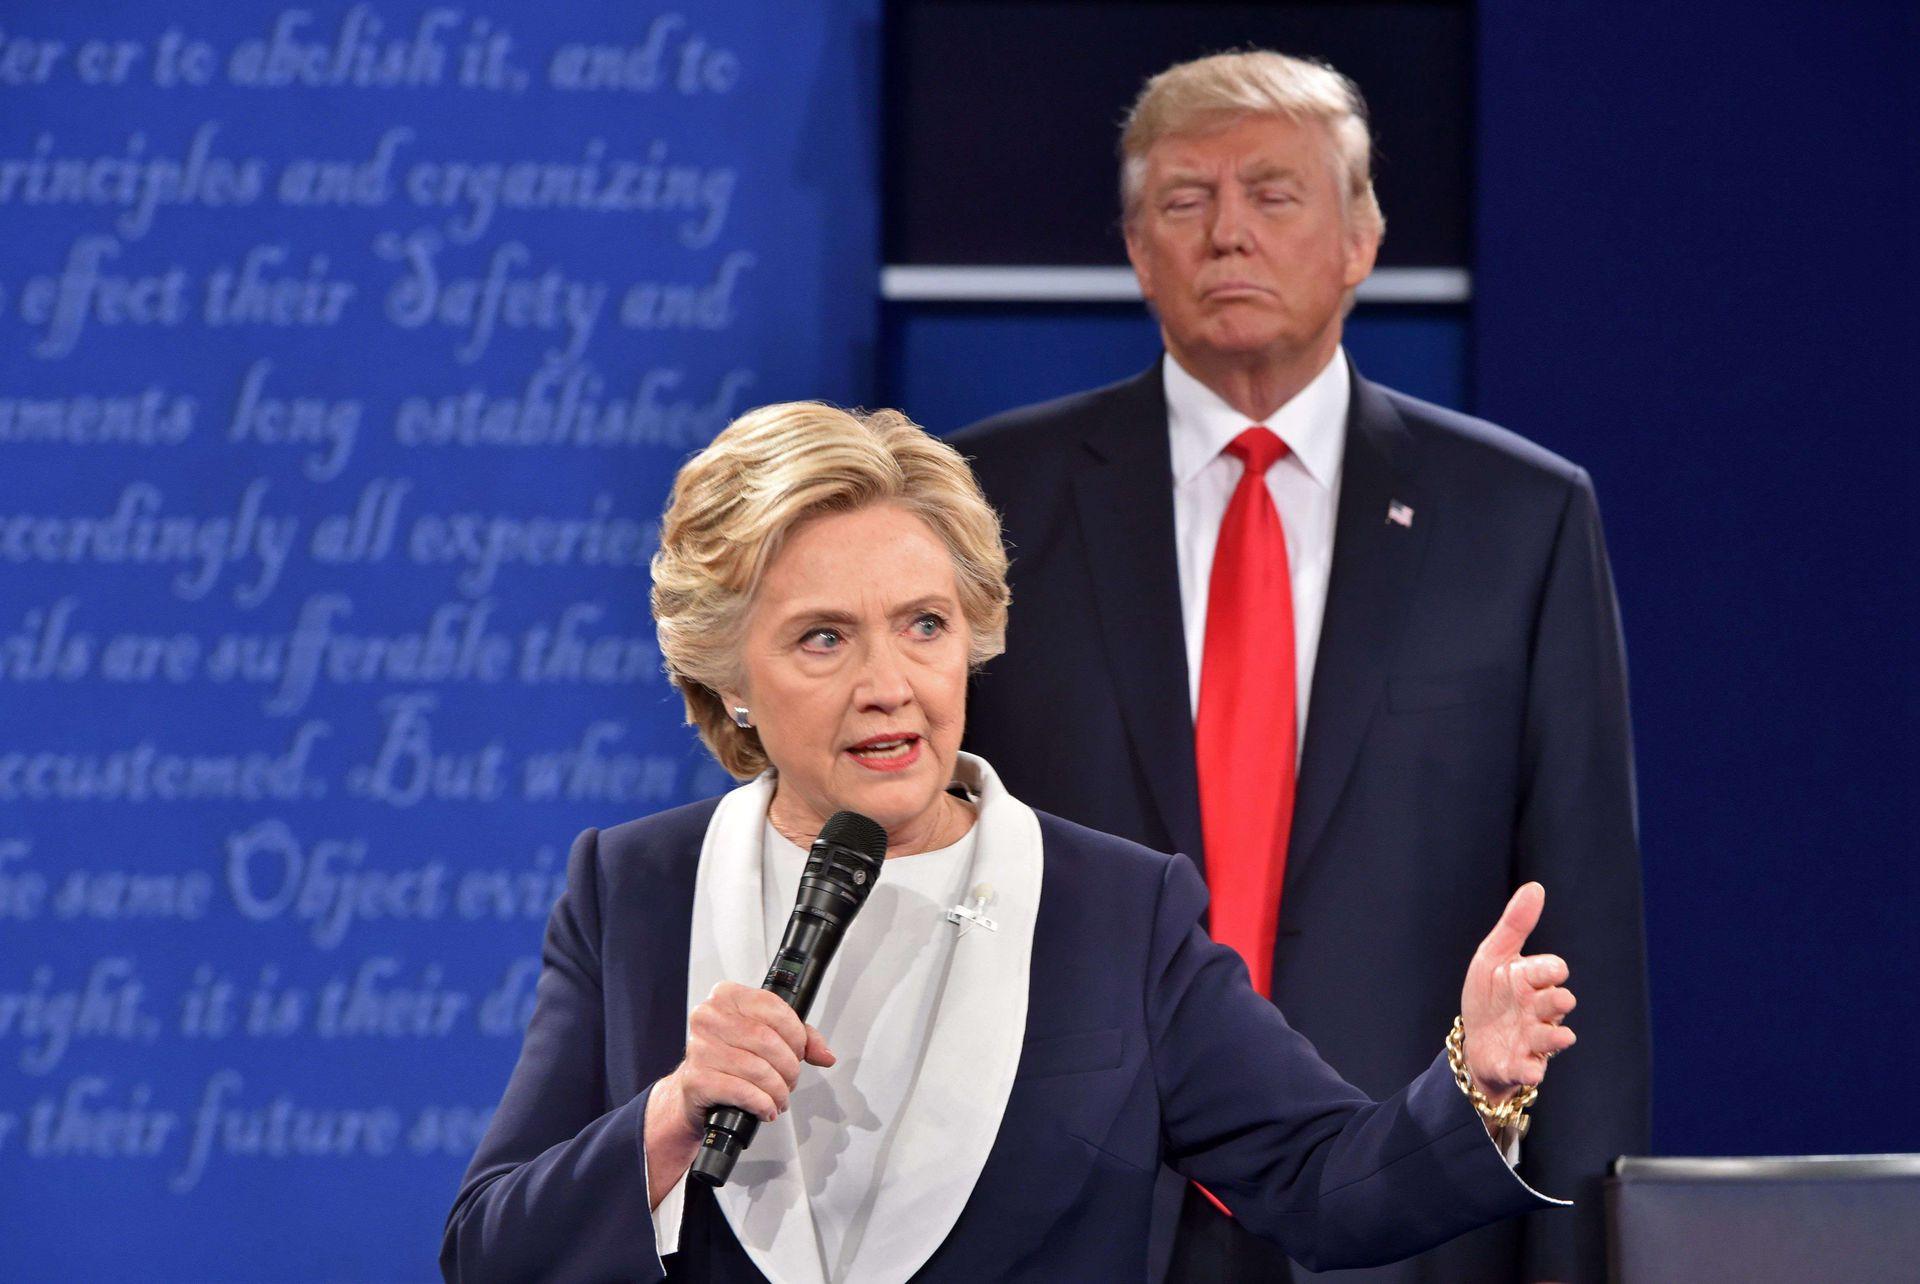 特朗普在2016年的竞选成功,得益于人们对类似他的对手希拉里(Hillary Clinton)式政客的厌恶。图为2016年两人在总统竞选阶段的电视辩论。(路透社)